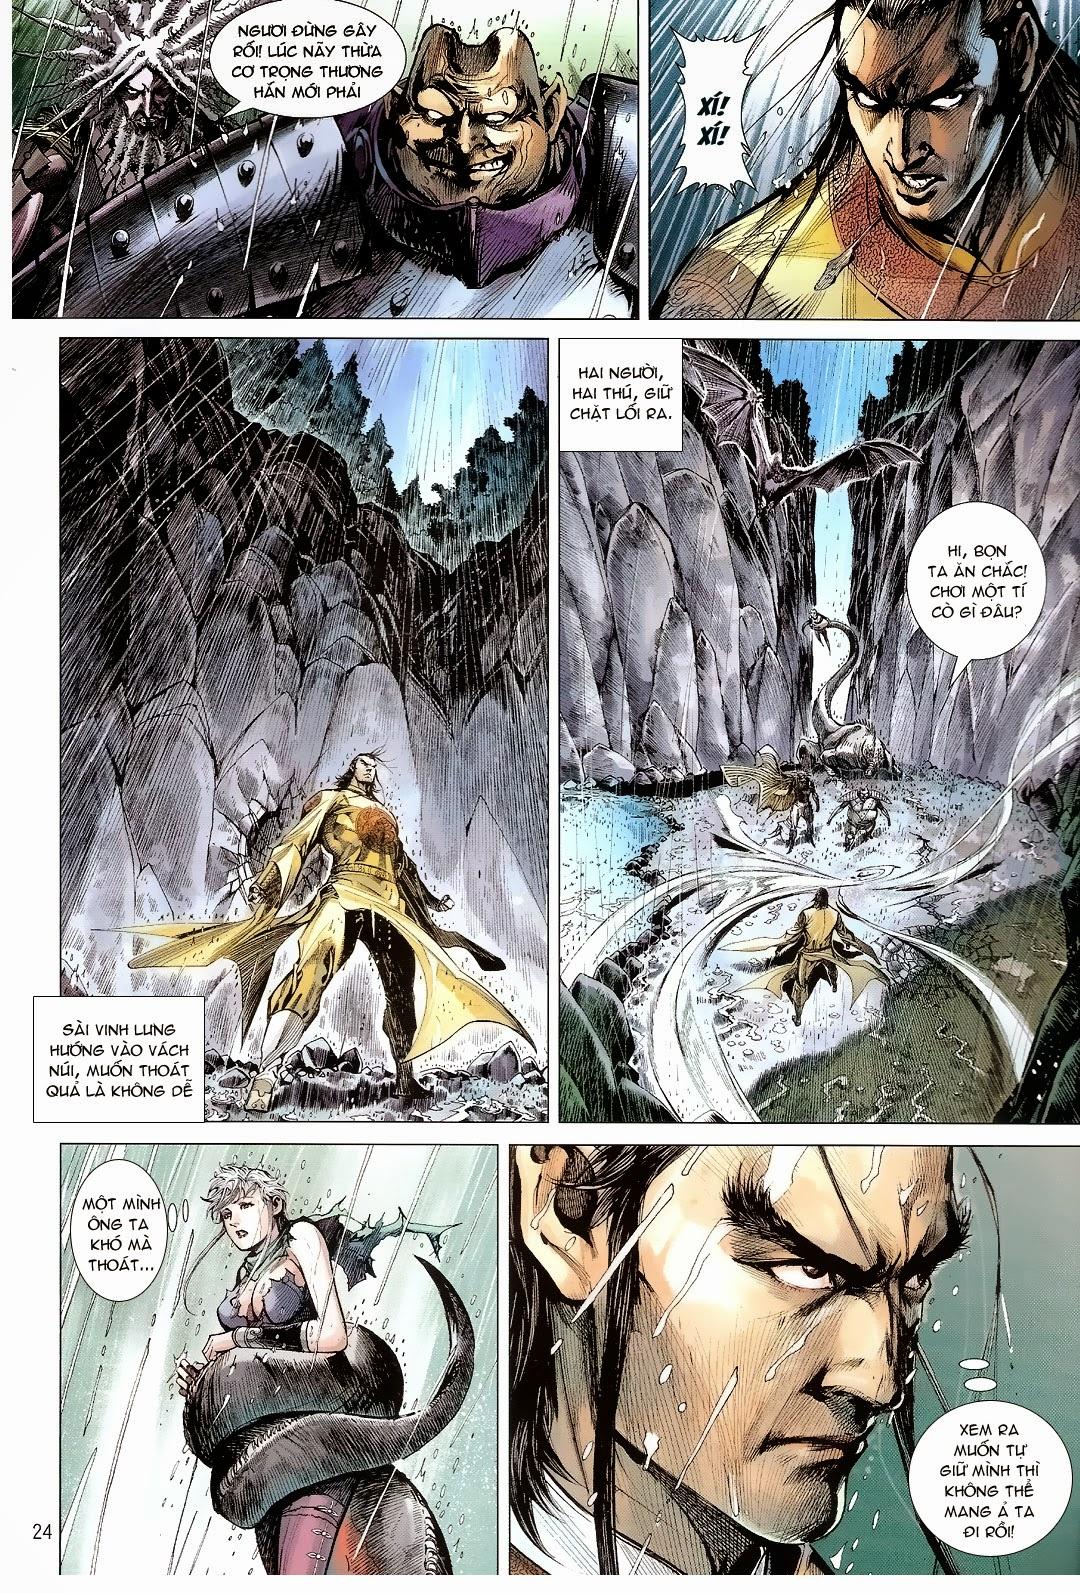 tuoithodudoi.com Thiết Tướng Tung Hoành Chapter 108 - 23.jpg